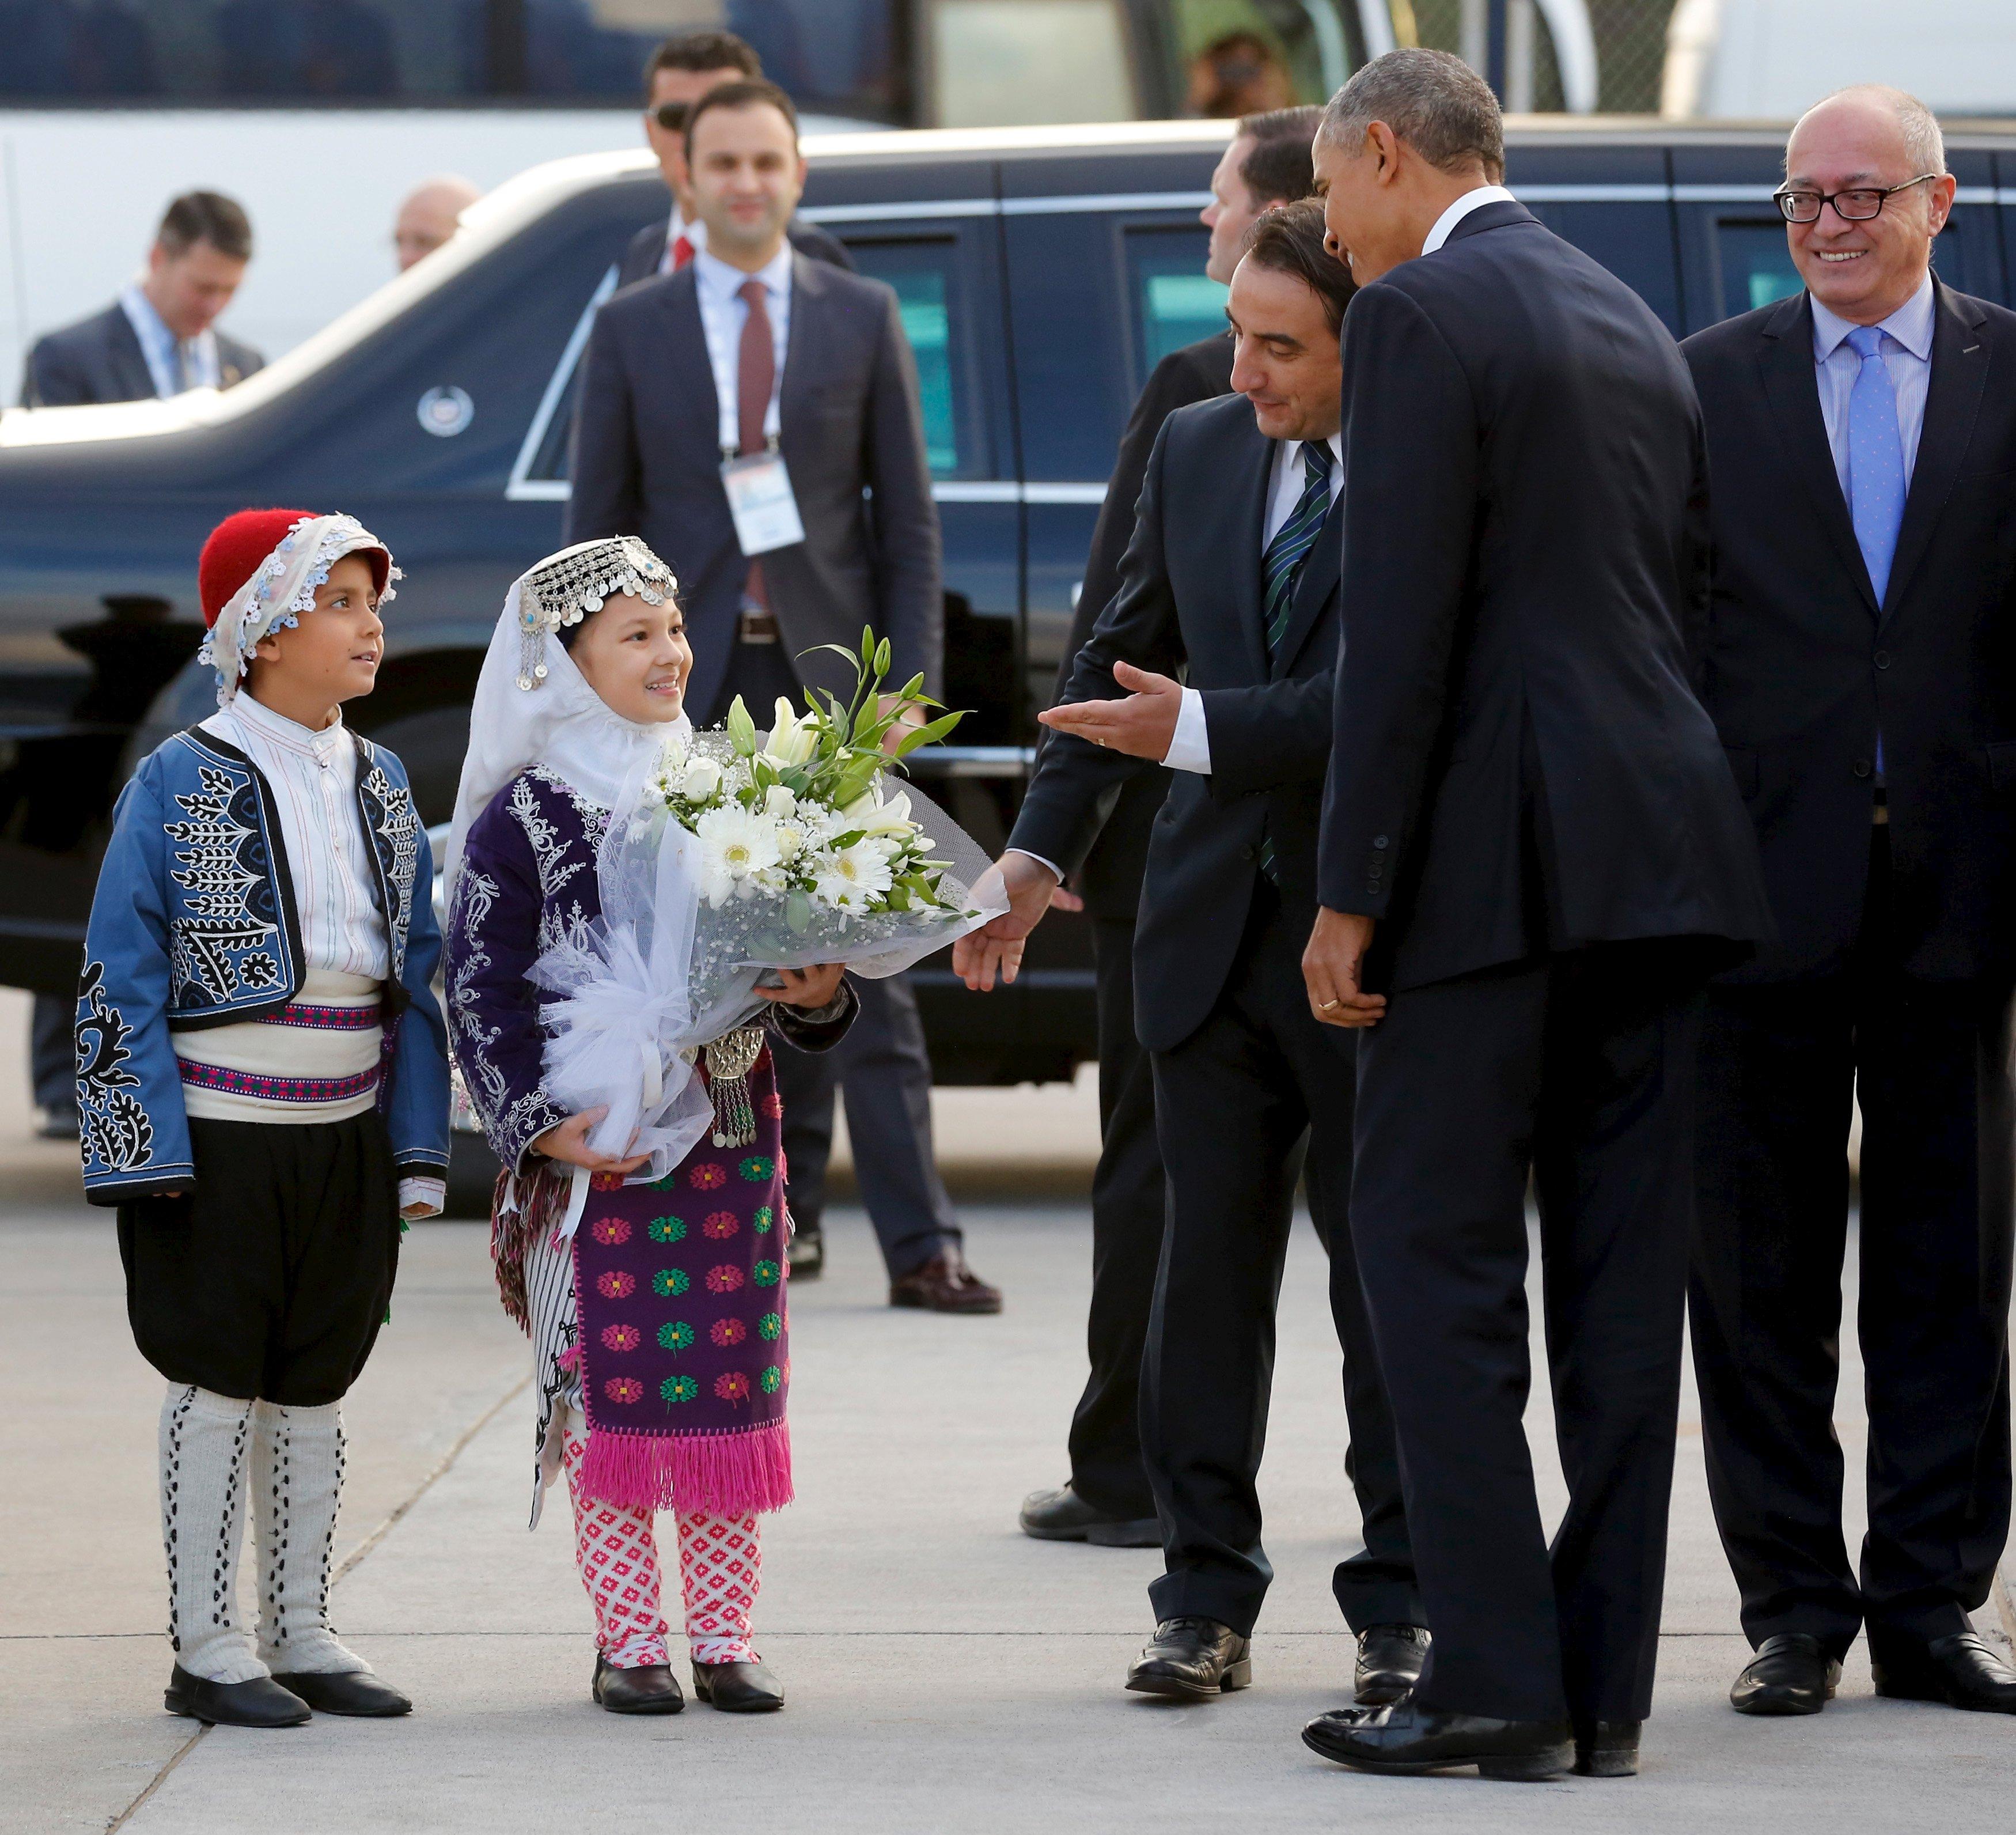 Dua anak memberikan rangkaian bunga kepada Presiden Amerika Serikat Barack Obama saat tiba di Bandara Internasional Antalya, Turki, Minggu (15/11). ANTARA FOTO/REUTERS/Jonathan Ernst.